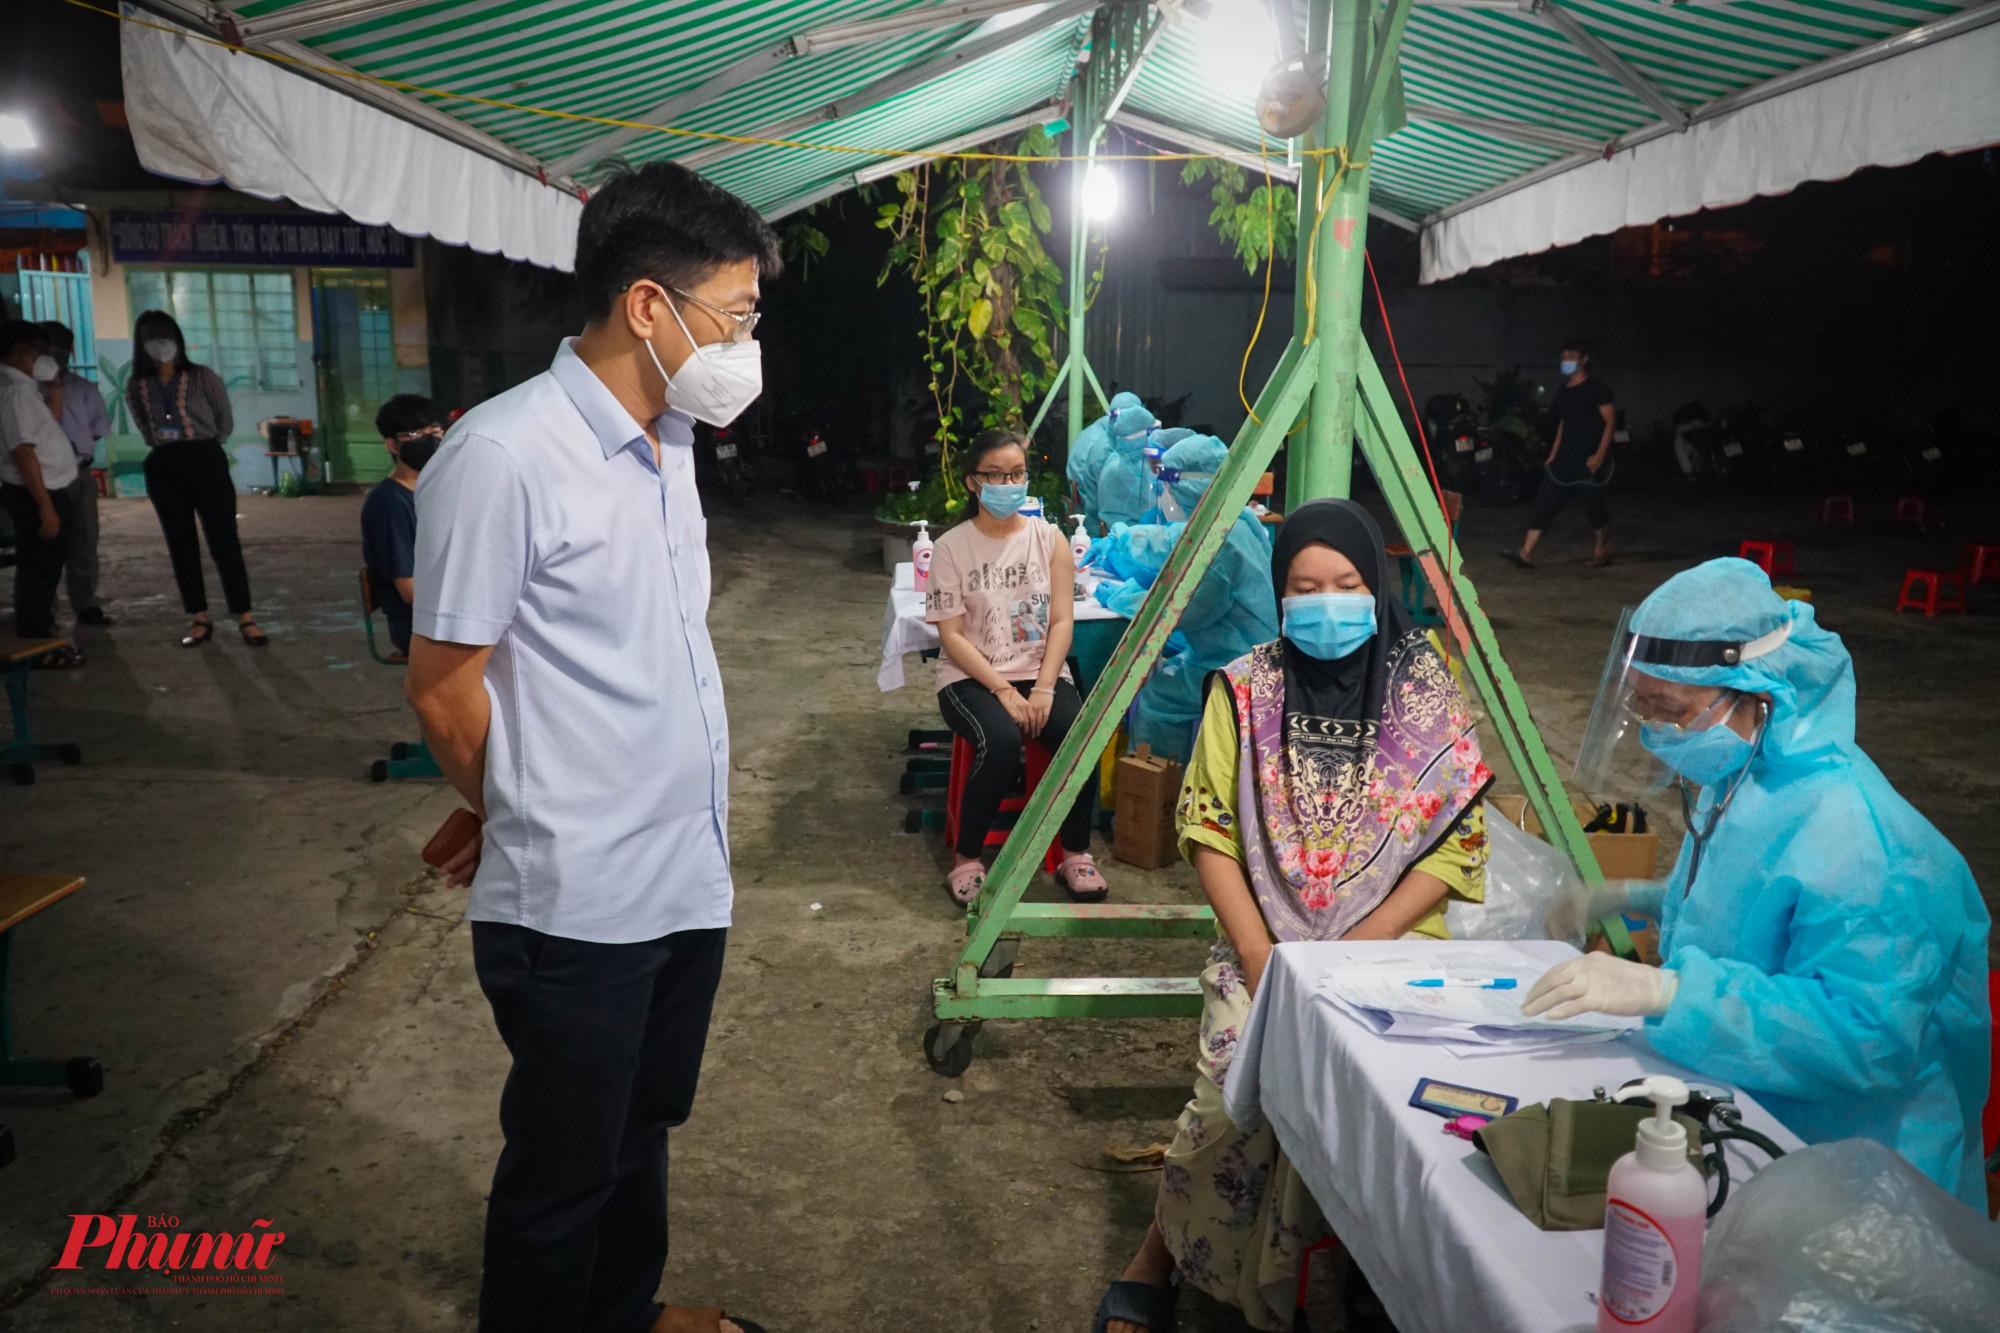 Ông Trần Thanh Tùng - Chủ tịch UBND quận 8 - động viên tinh thần người dân cùng vượt qua đại dịch